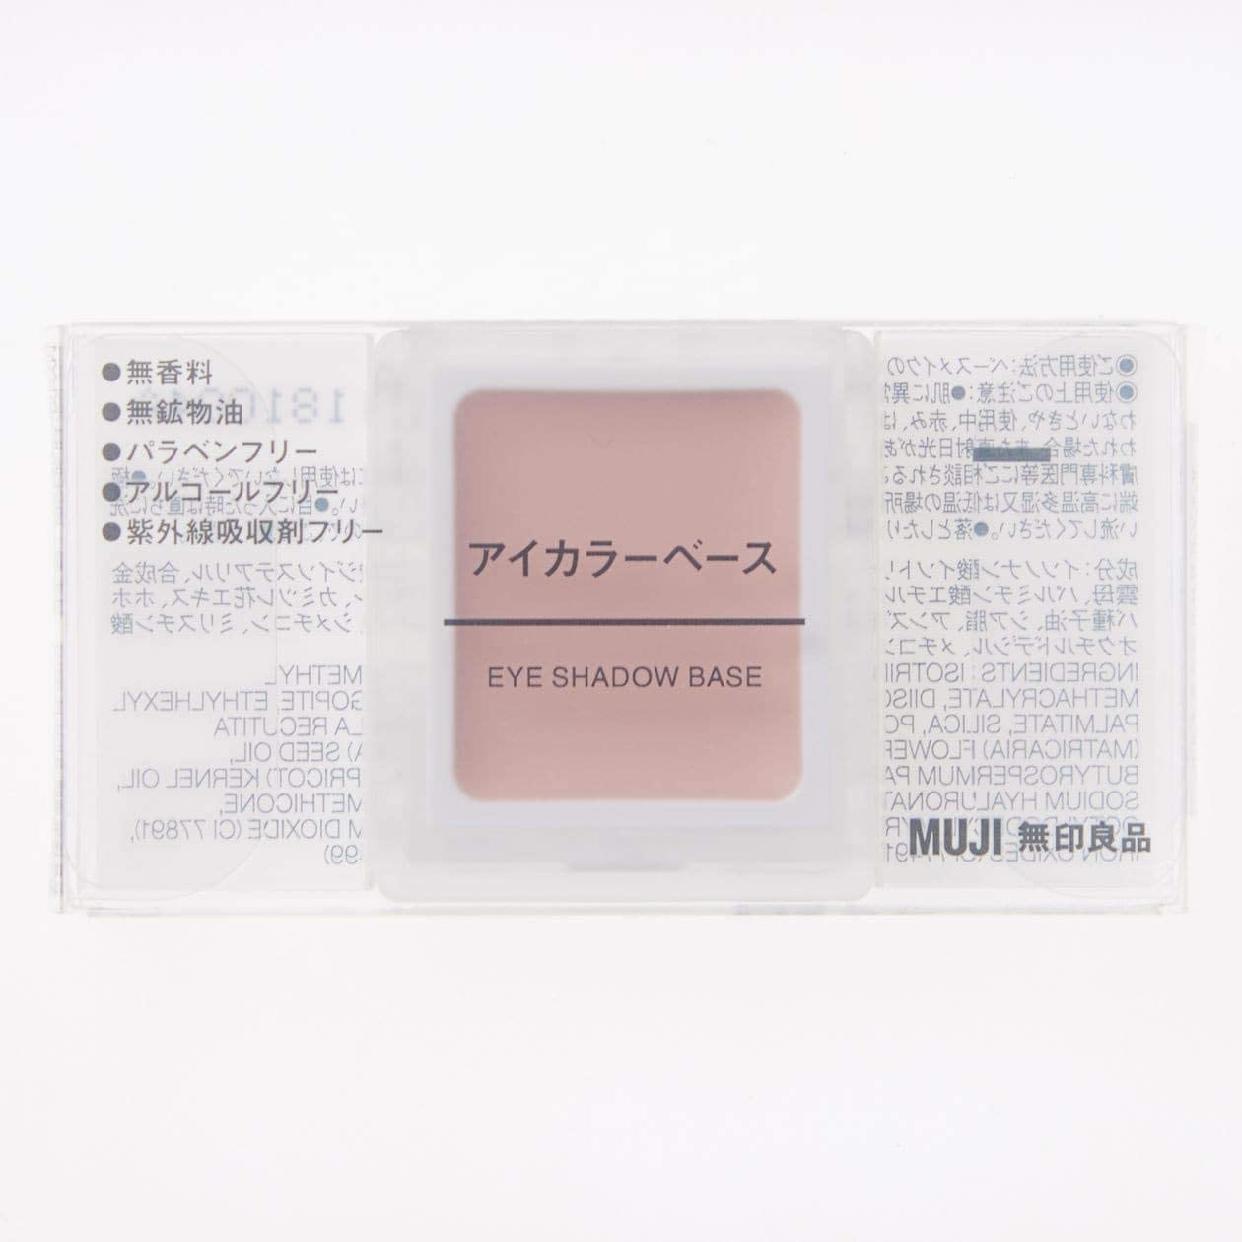 無印良品(MUJI) アイカラーベースの商品画像2